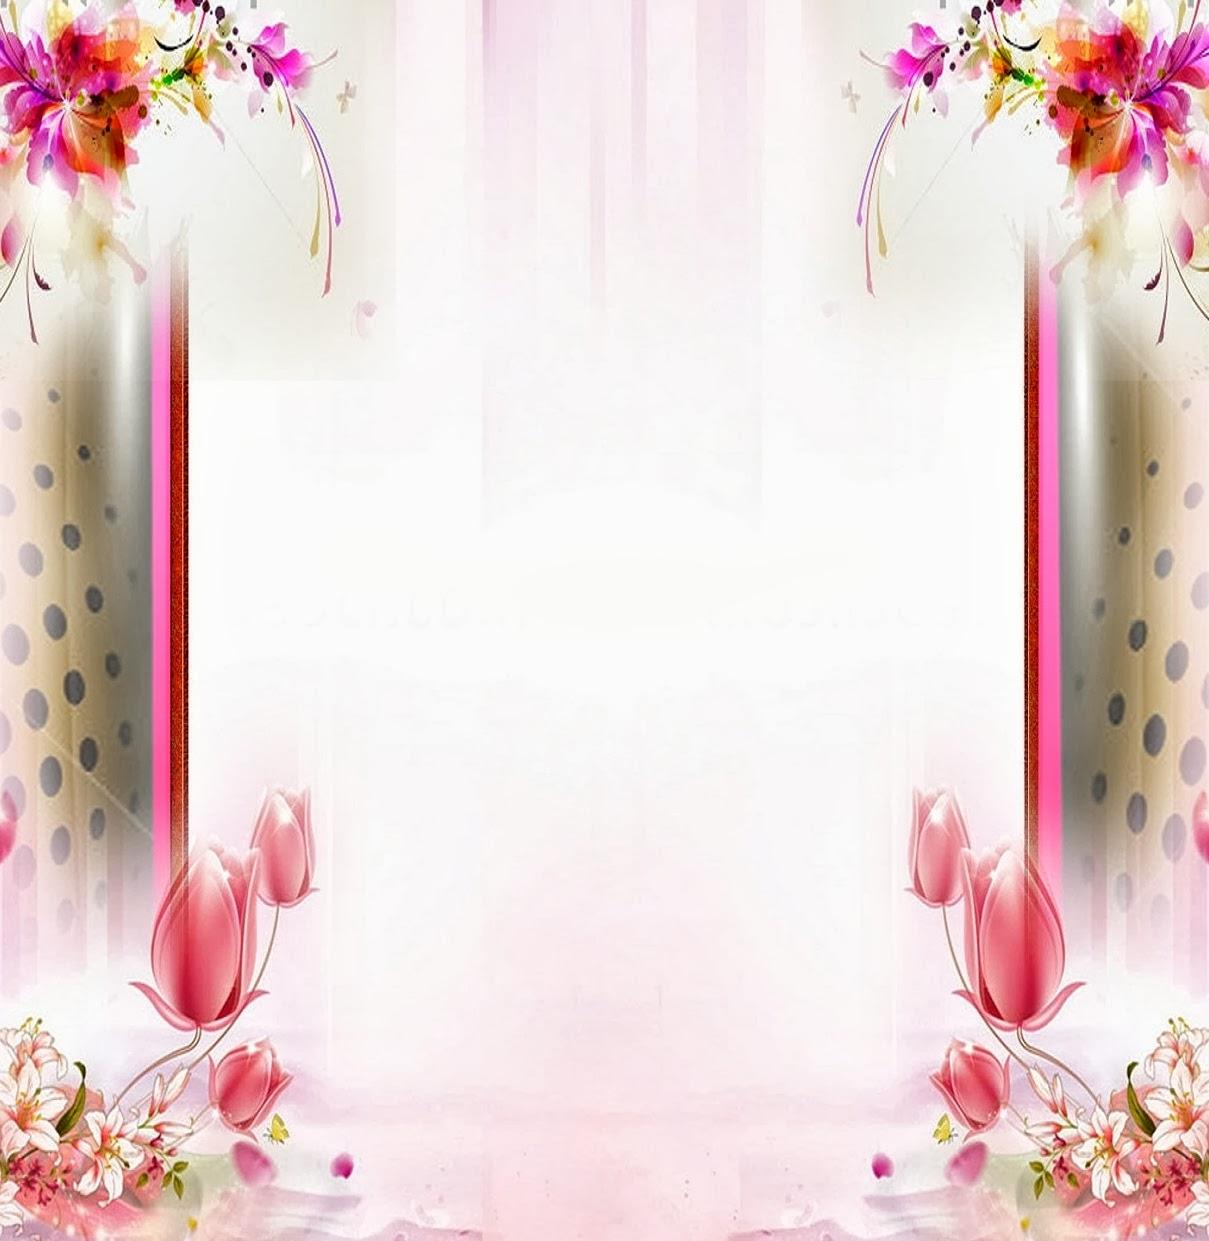 Download 86 Background Cantik Dan Keren Gratis Terbaik